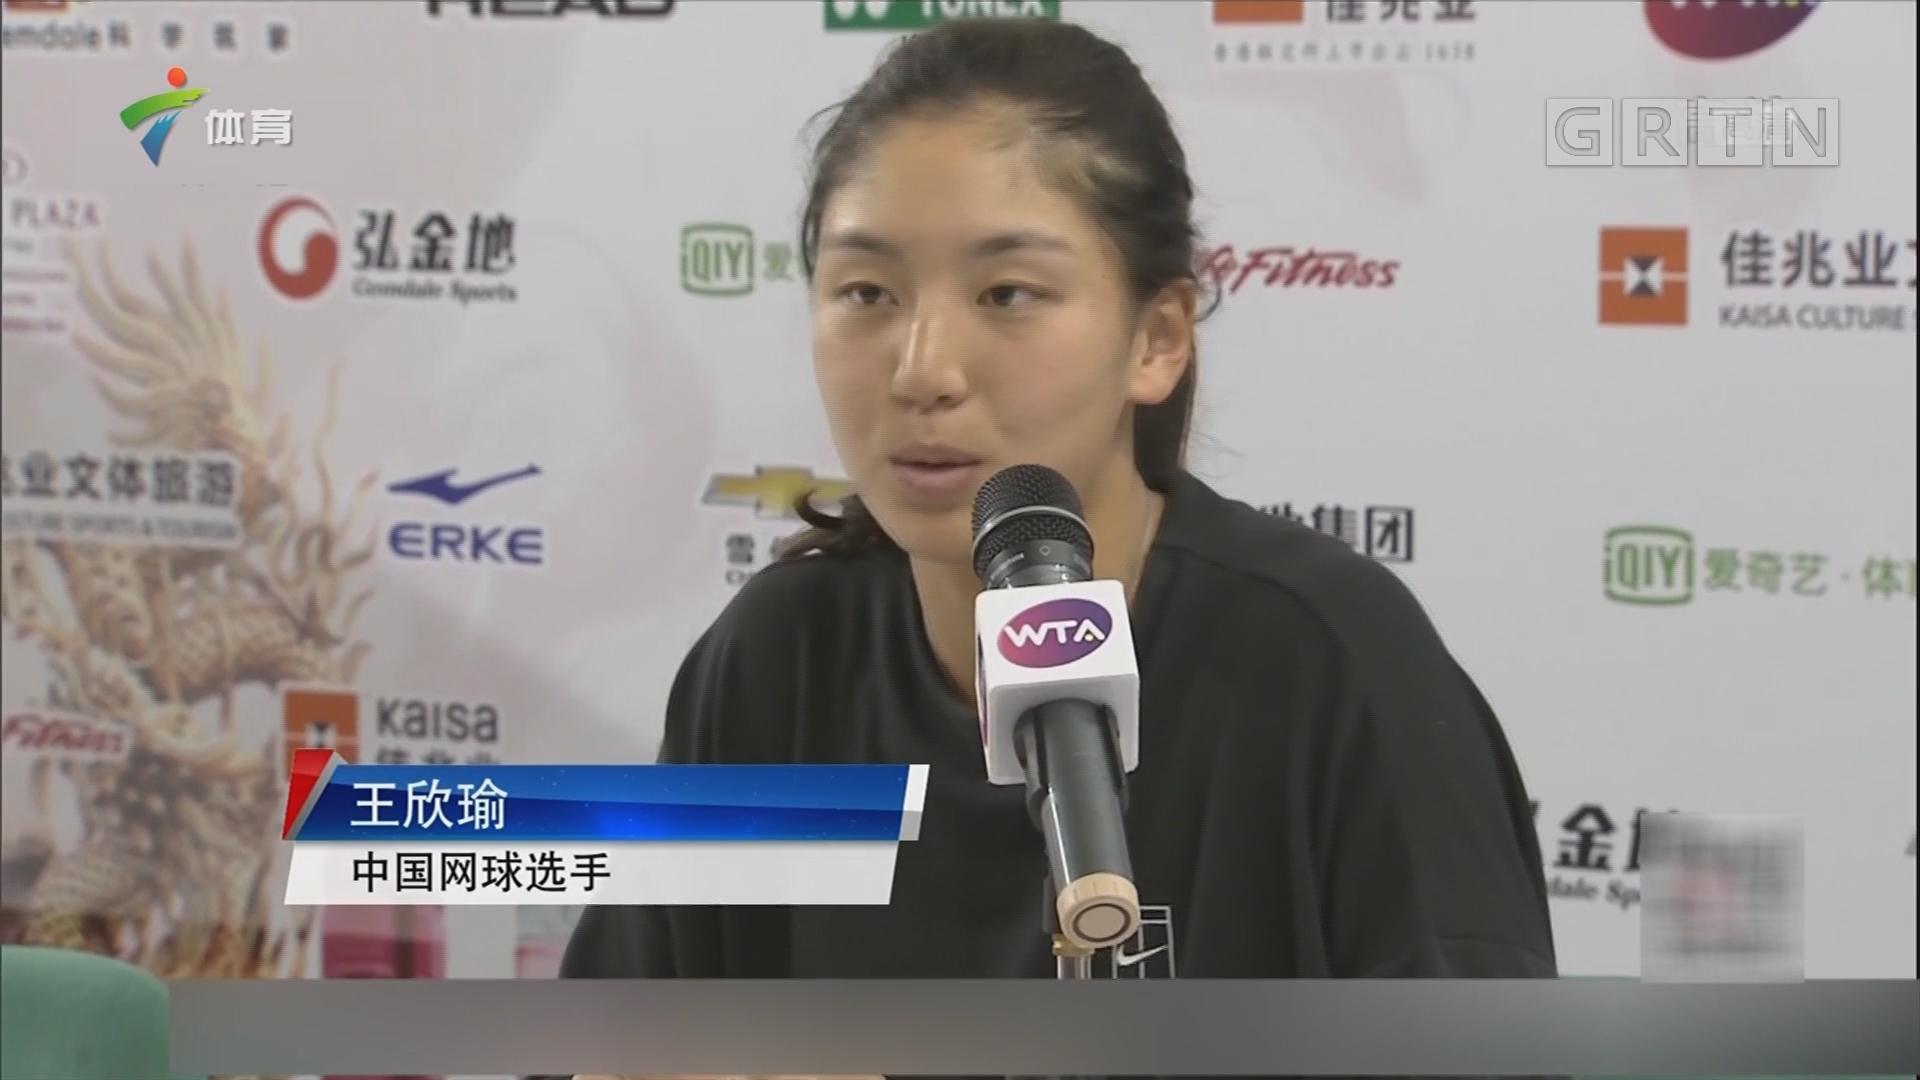 王欣瑜赢得职业生涯首胜